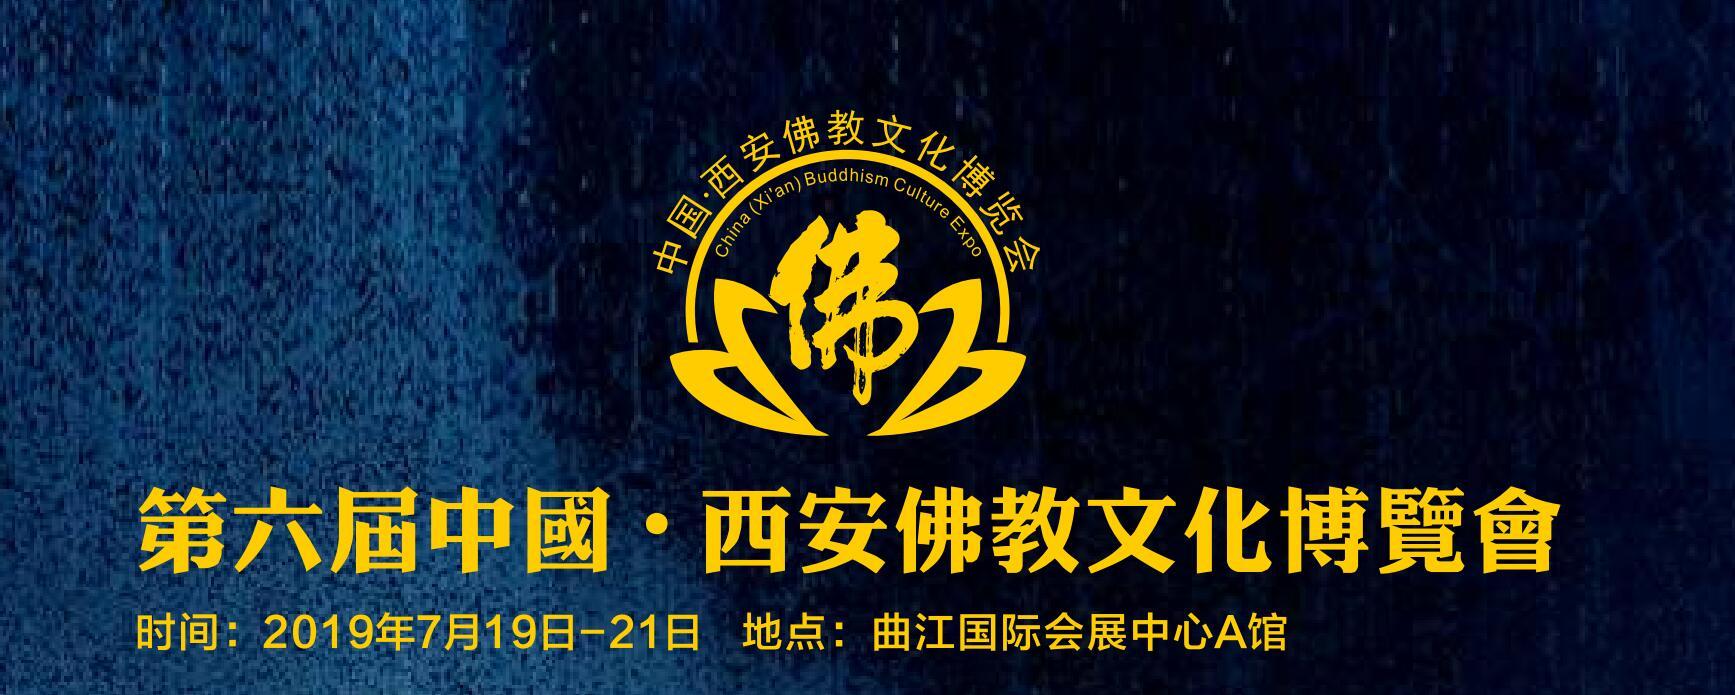 第六屆中國·西安佛教文化博覽會